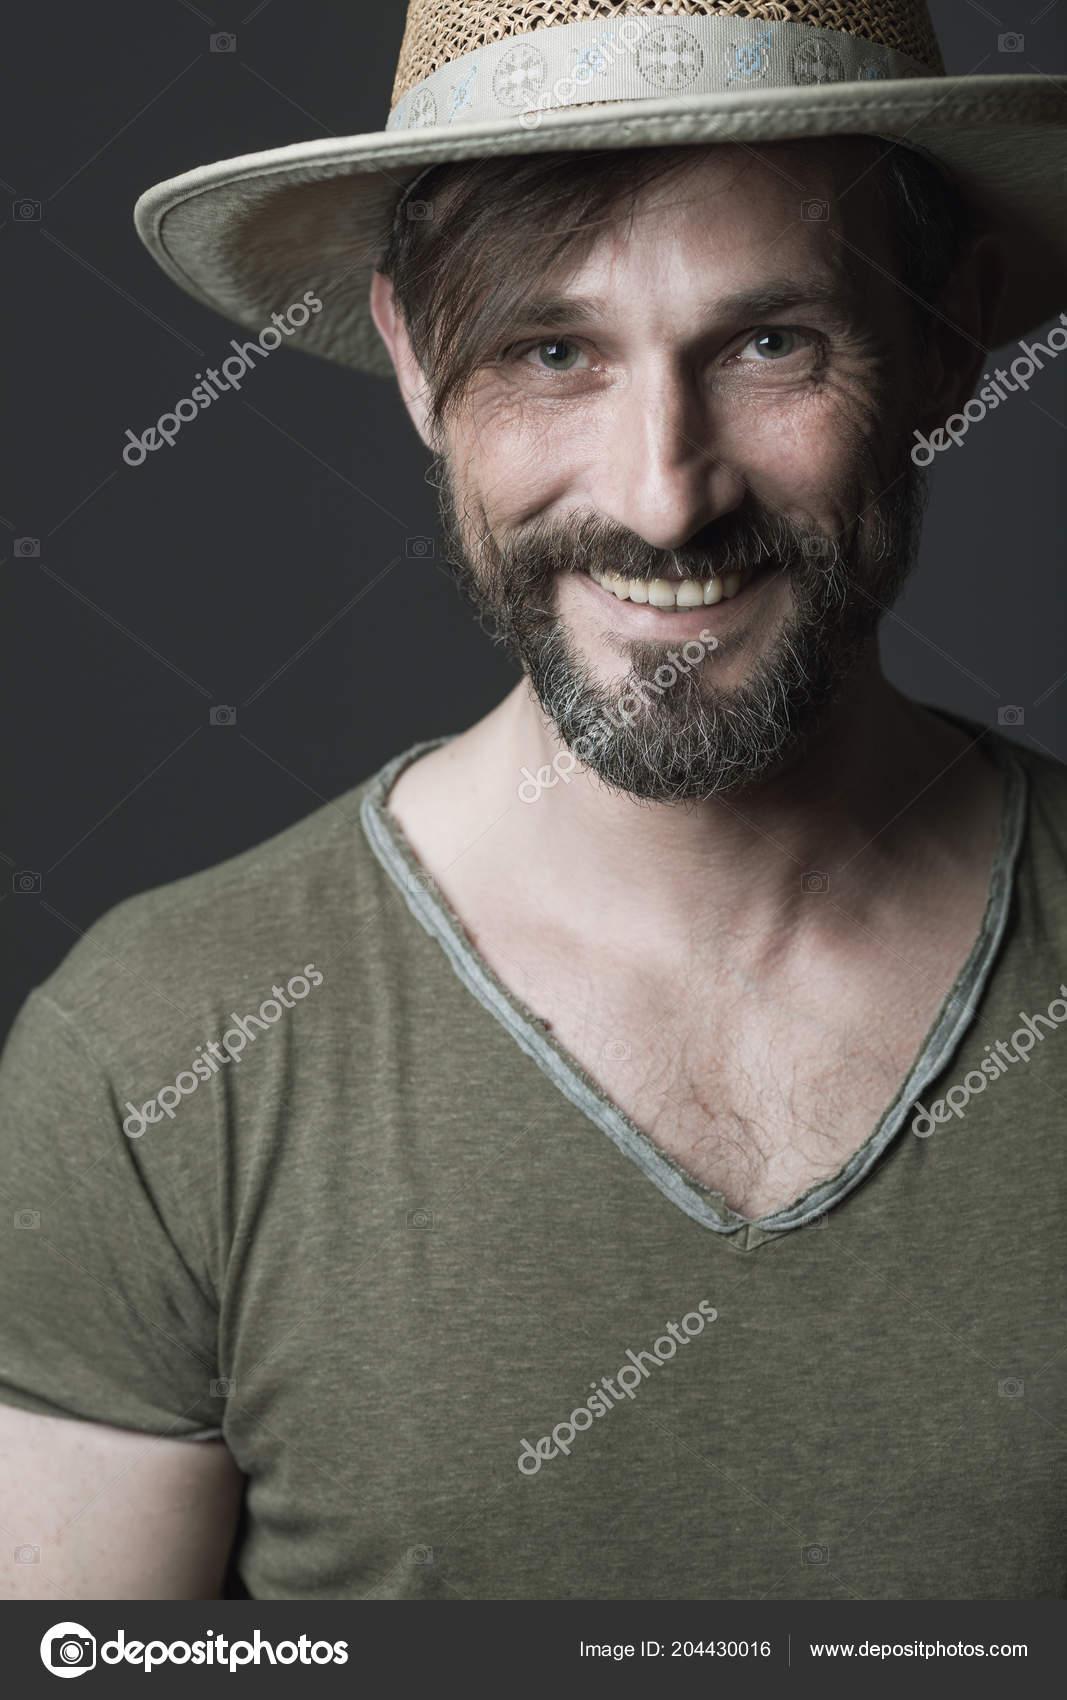 Ritratto di risata 40-anno-vecchio uomo nella condizione di cappello di  paglia sopra fondo grigio scuro. Capelli lunghi sulla fronte. Stile country  estate. 2de01a3a4644